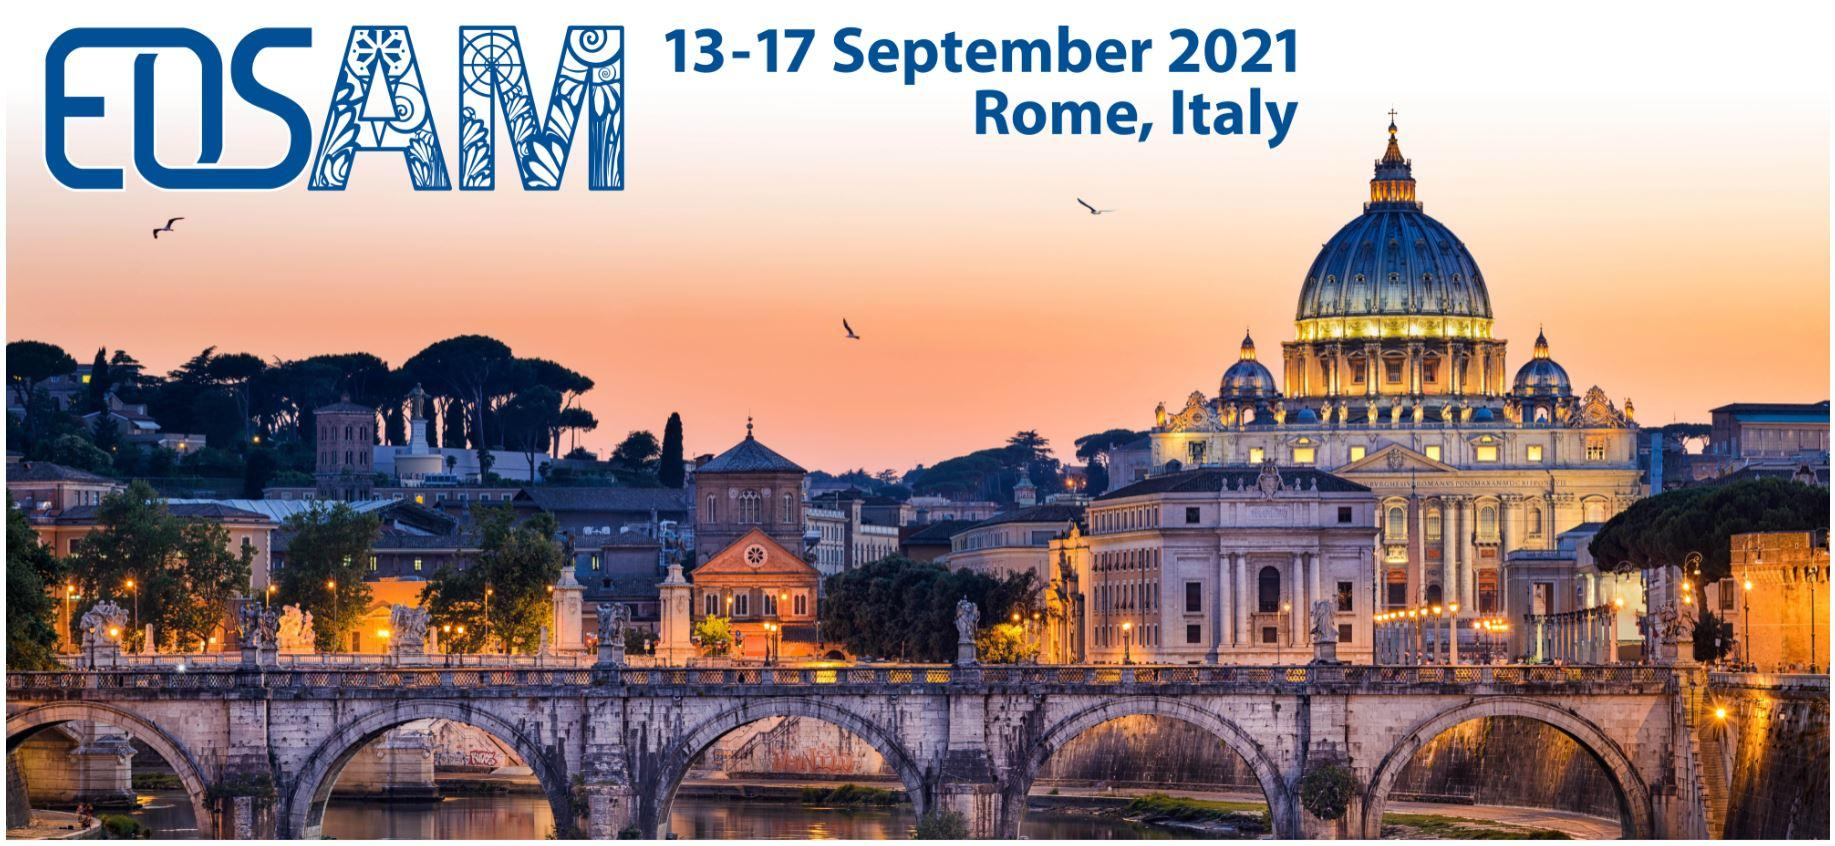 EOSAM held 13 - 17 September 2021, Submission open